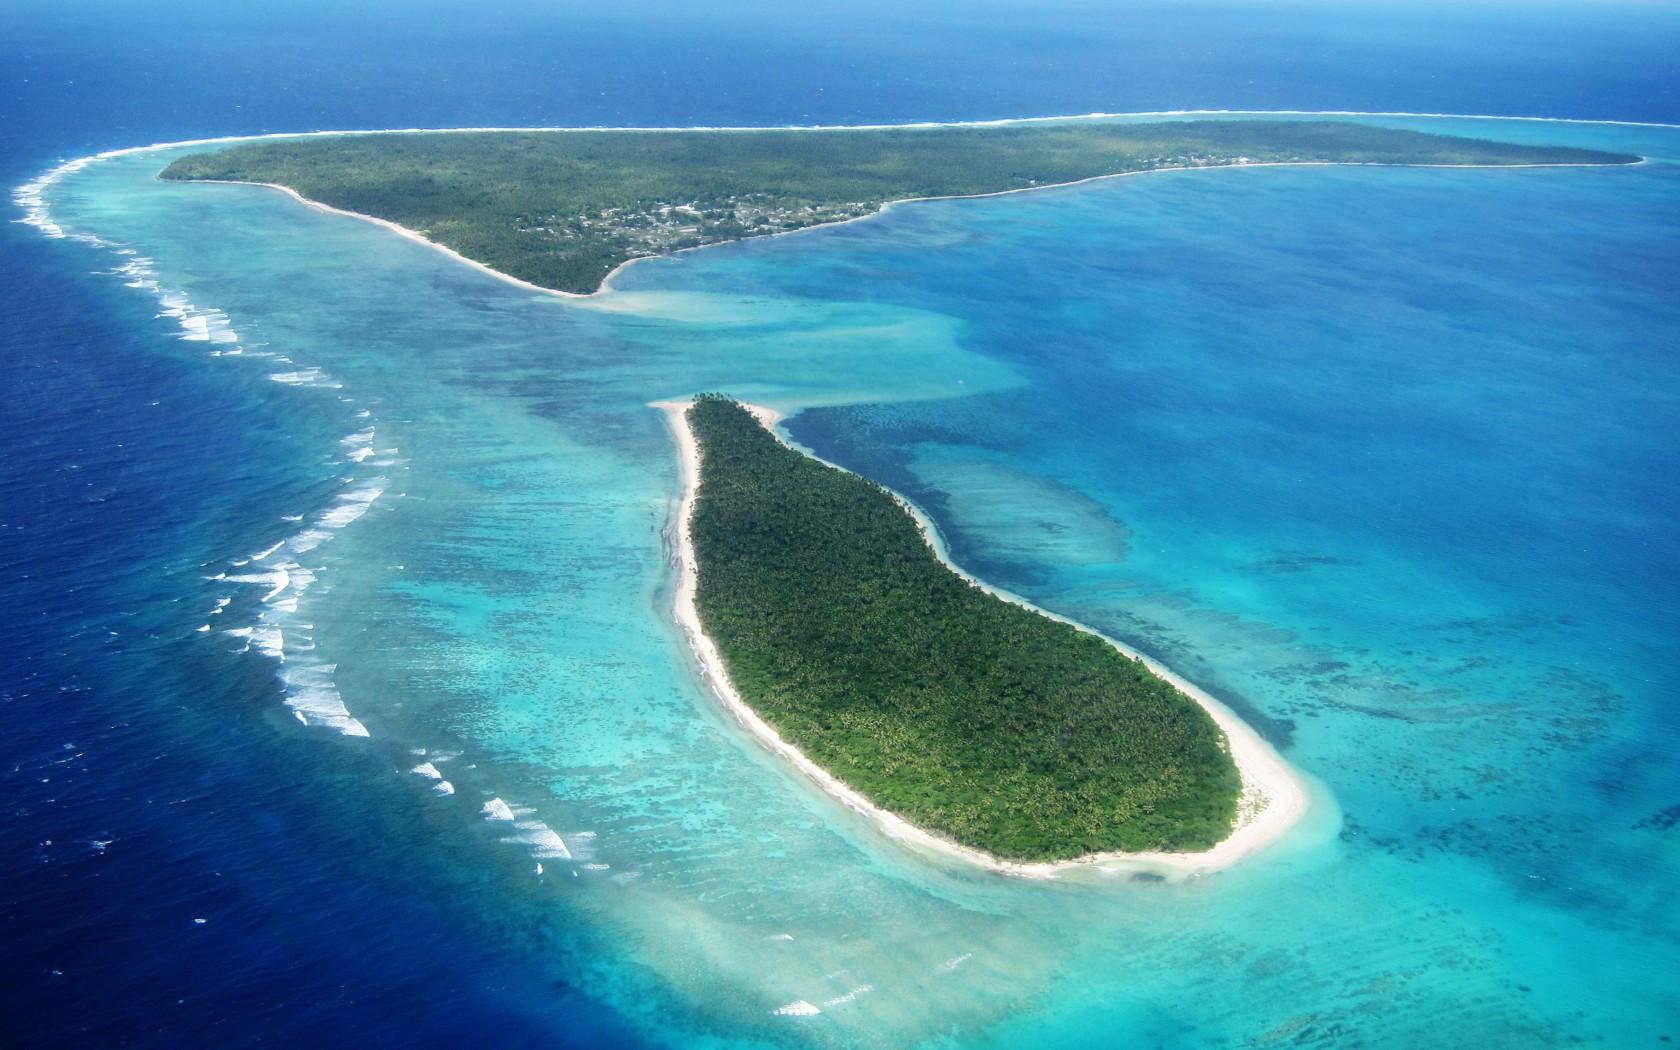 Lava Wallpaper Hd Tonga Fiche Pays Populationdata Net